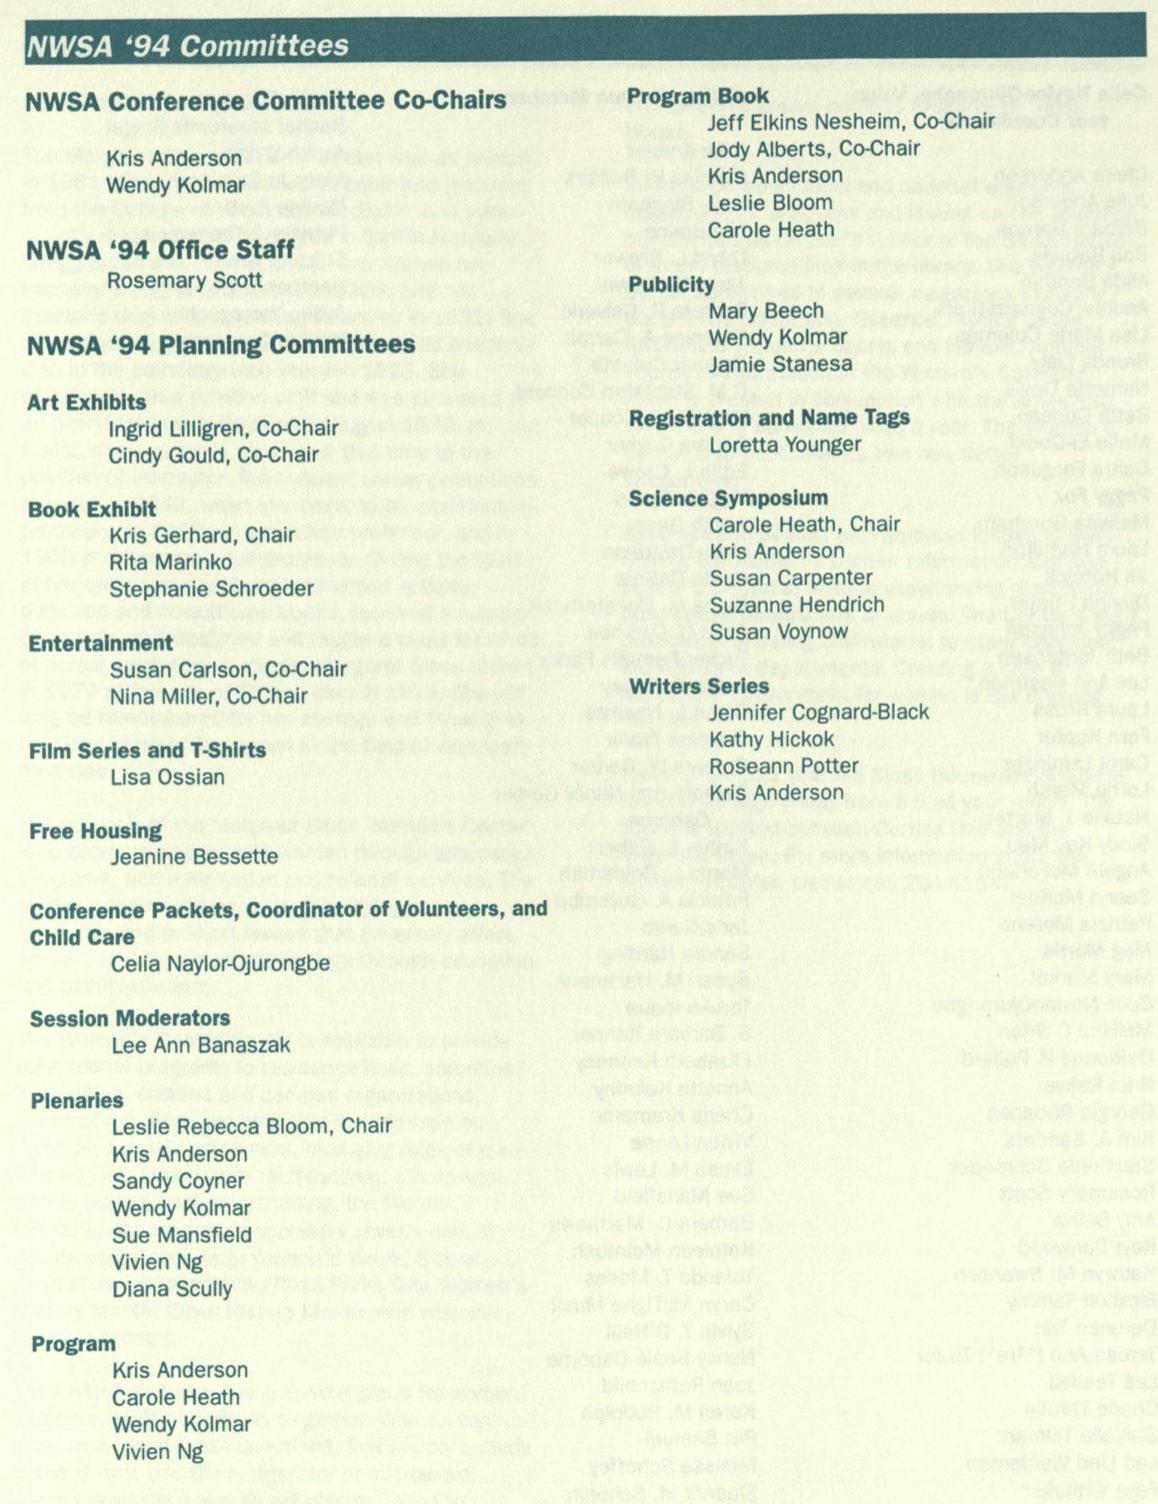 List of 1994 program committee members